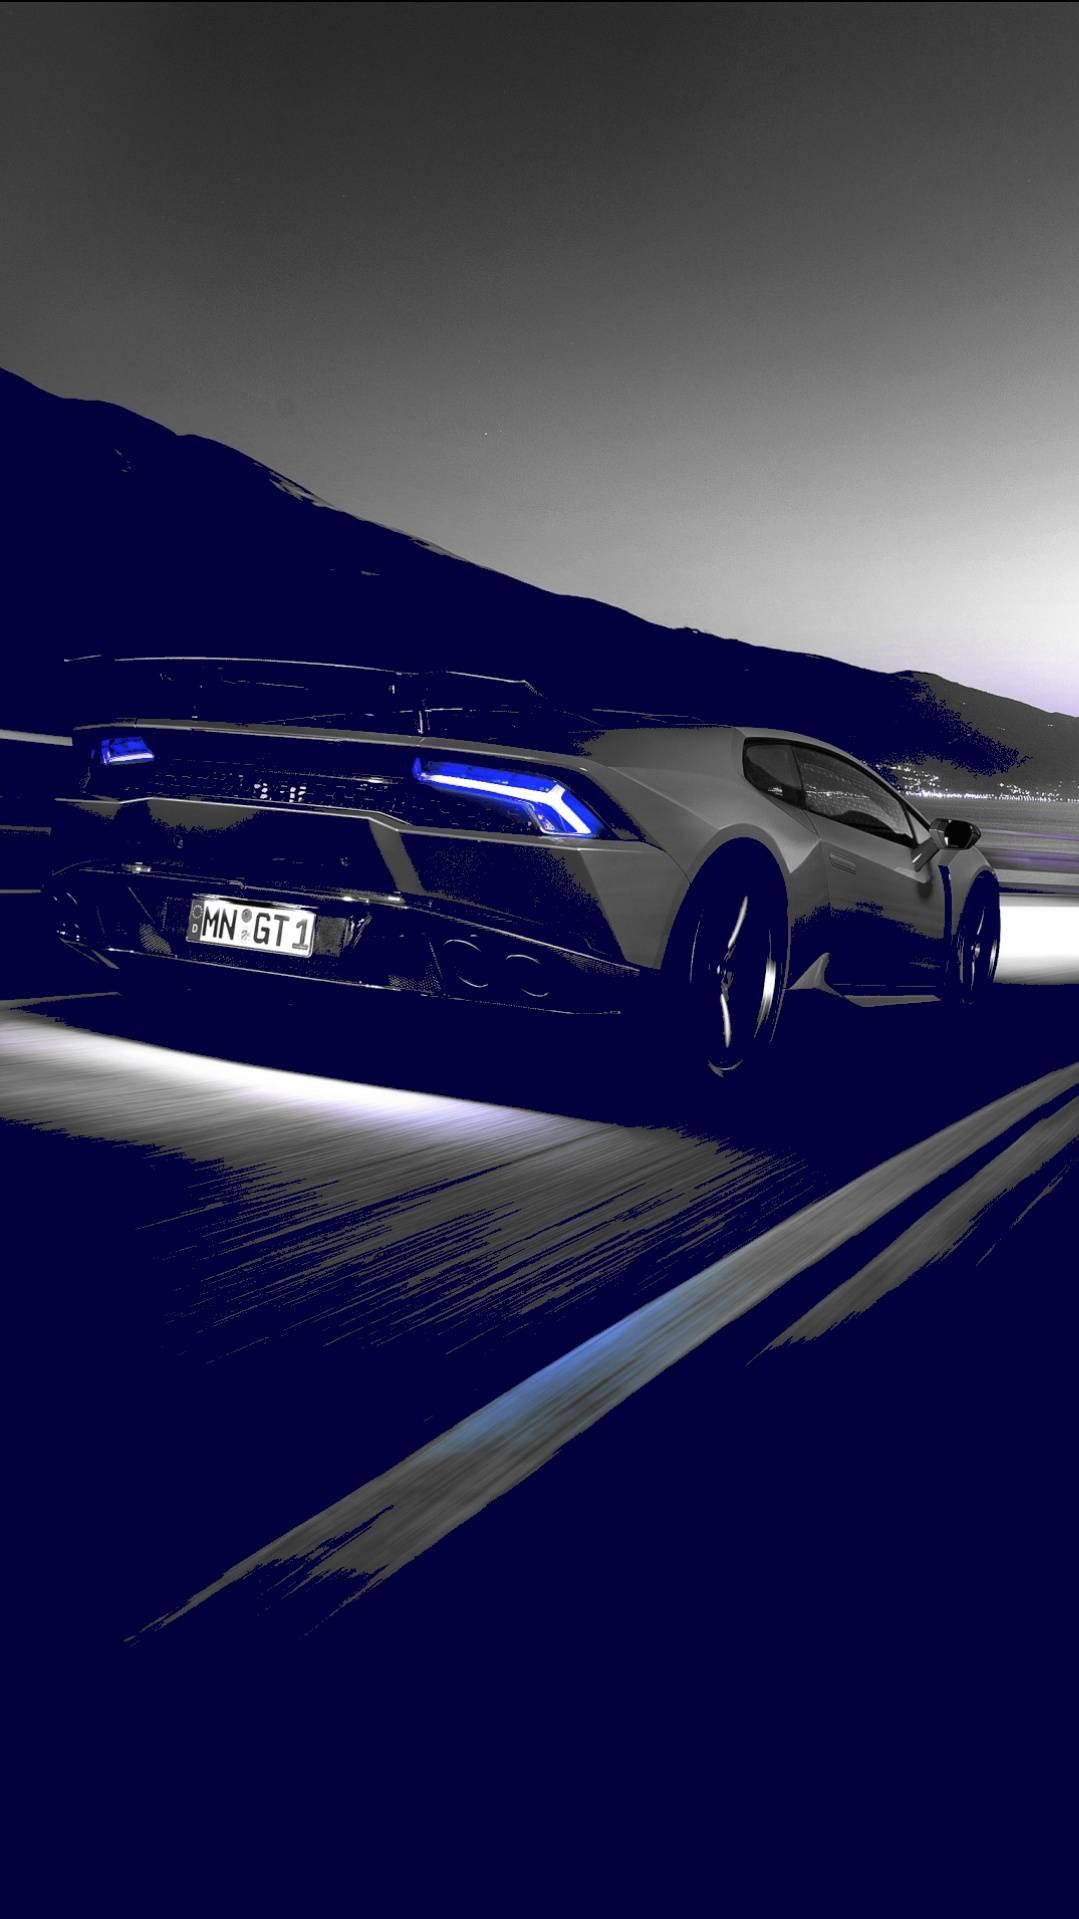 Lamborghini on Road iPhone Wallpaper - iPhone Wallpapers